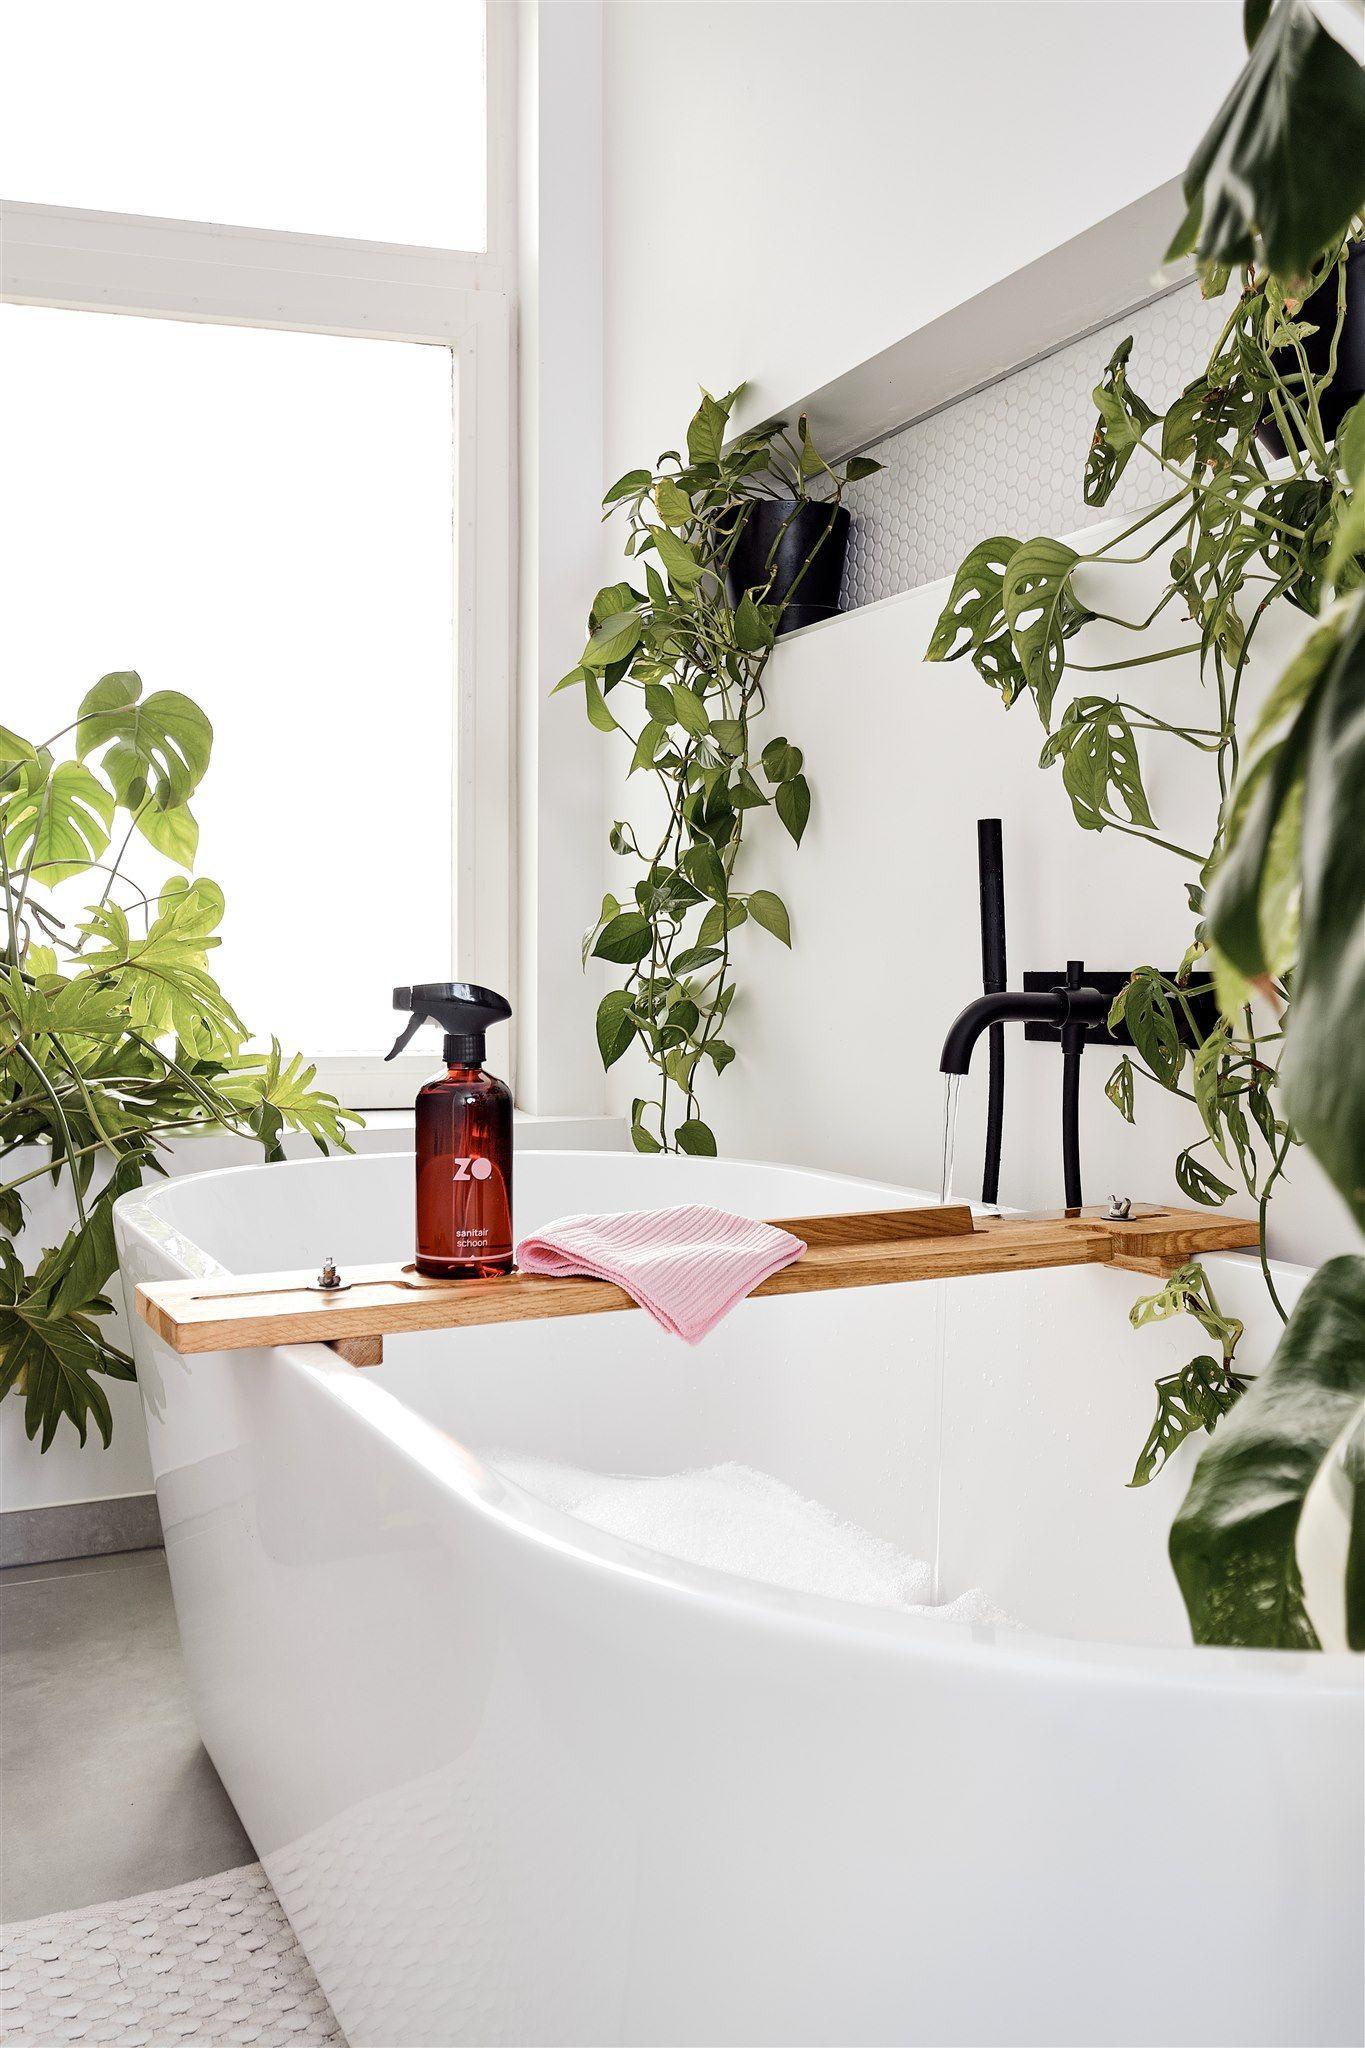 Tip: zo is de nieuwe manier van schoonmaken #schoonmaken #badkamer #keuken toilet #wonen